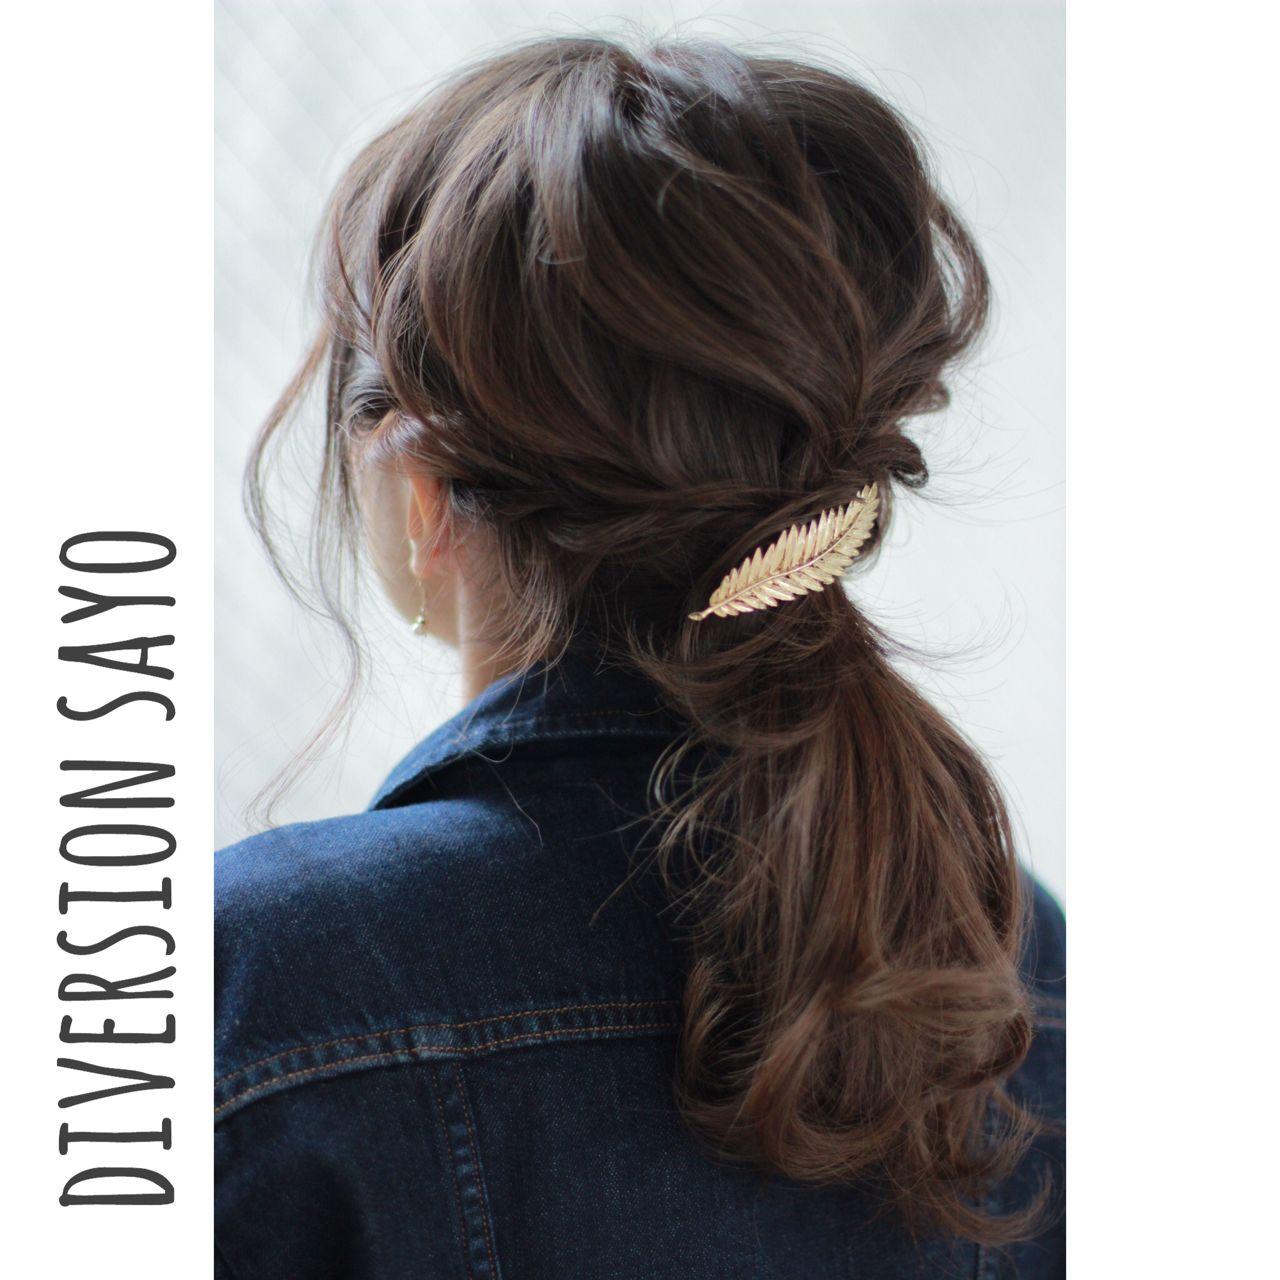 ロープ編み ナチュラル 編み込み ゆるふわ ヘアスタイルや髪型の写真・画像